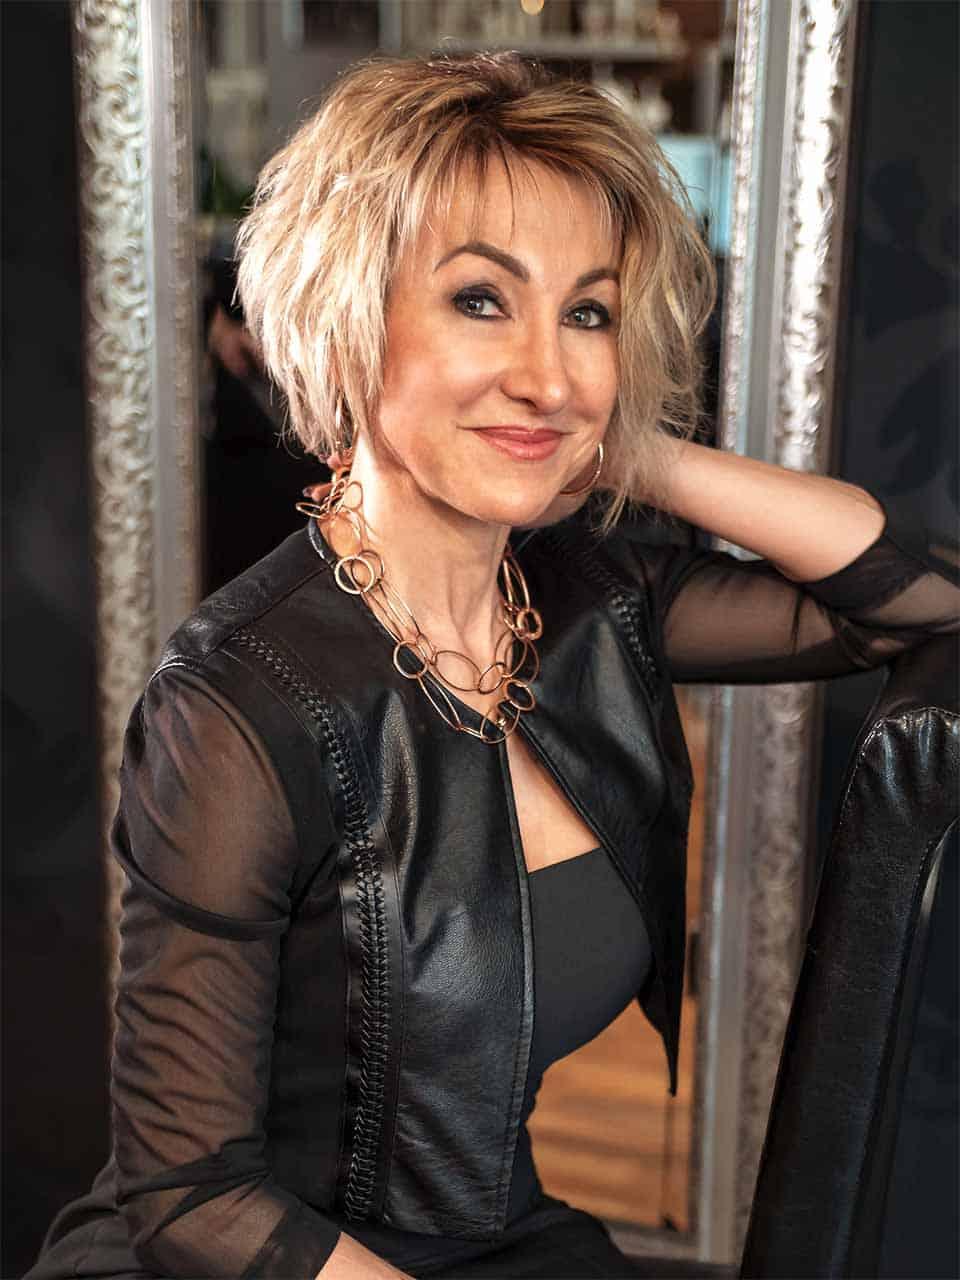 Haarstudio Barock Team Helena Martens Einzelfoto